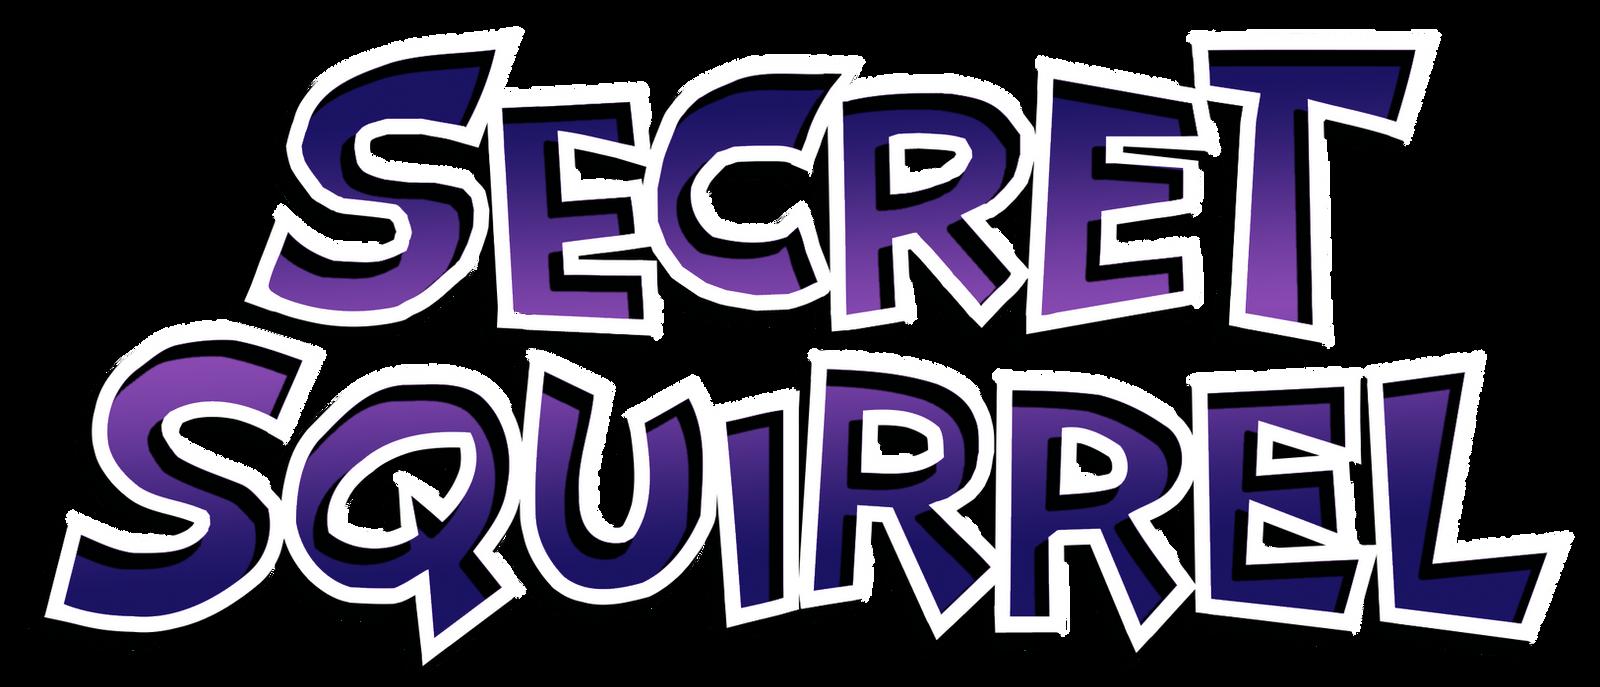 Image Result For A Secret In